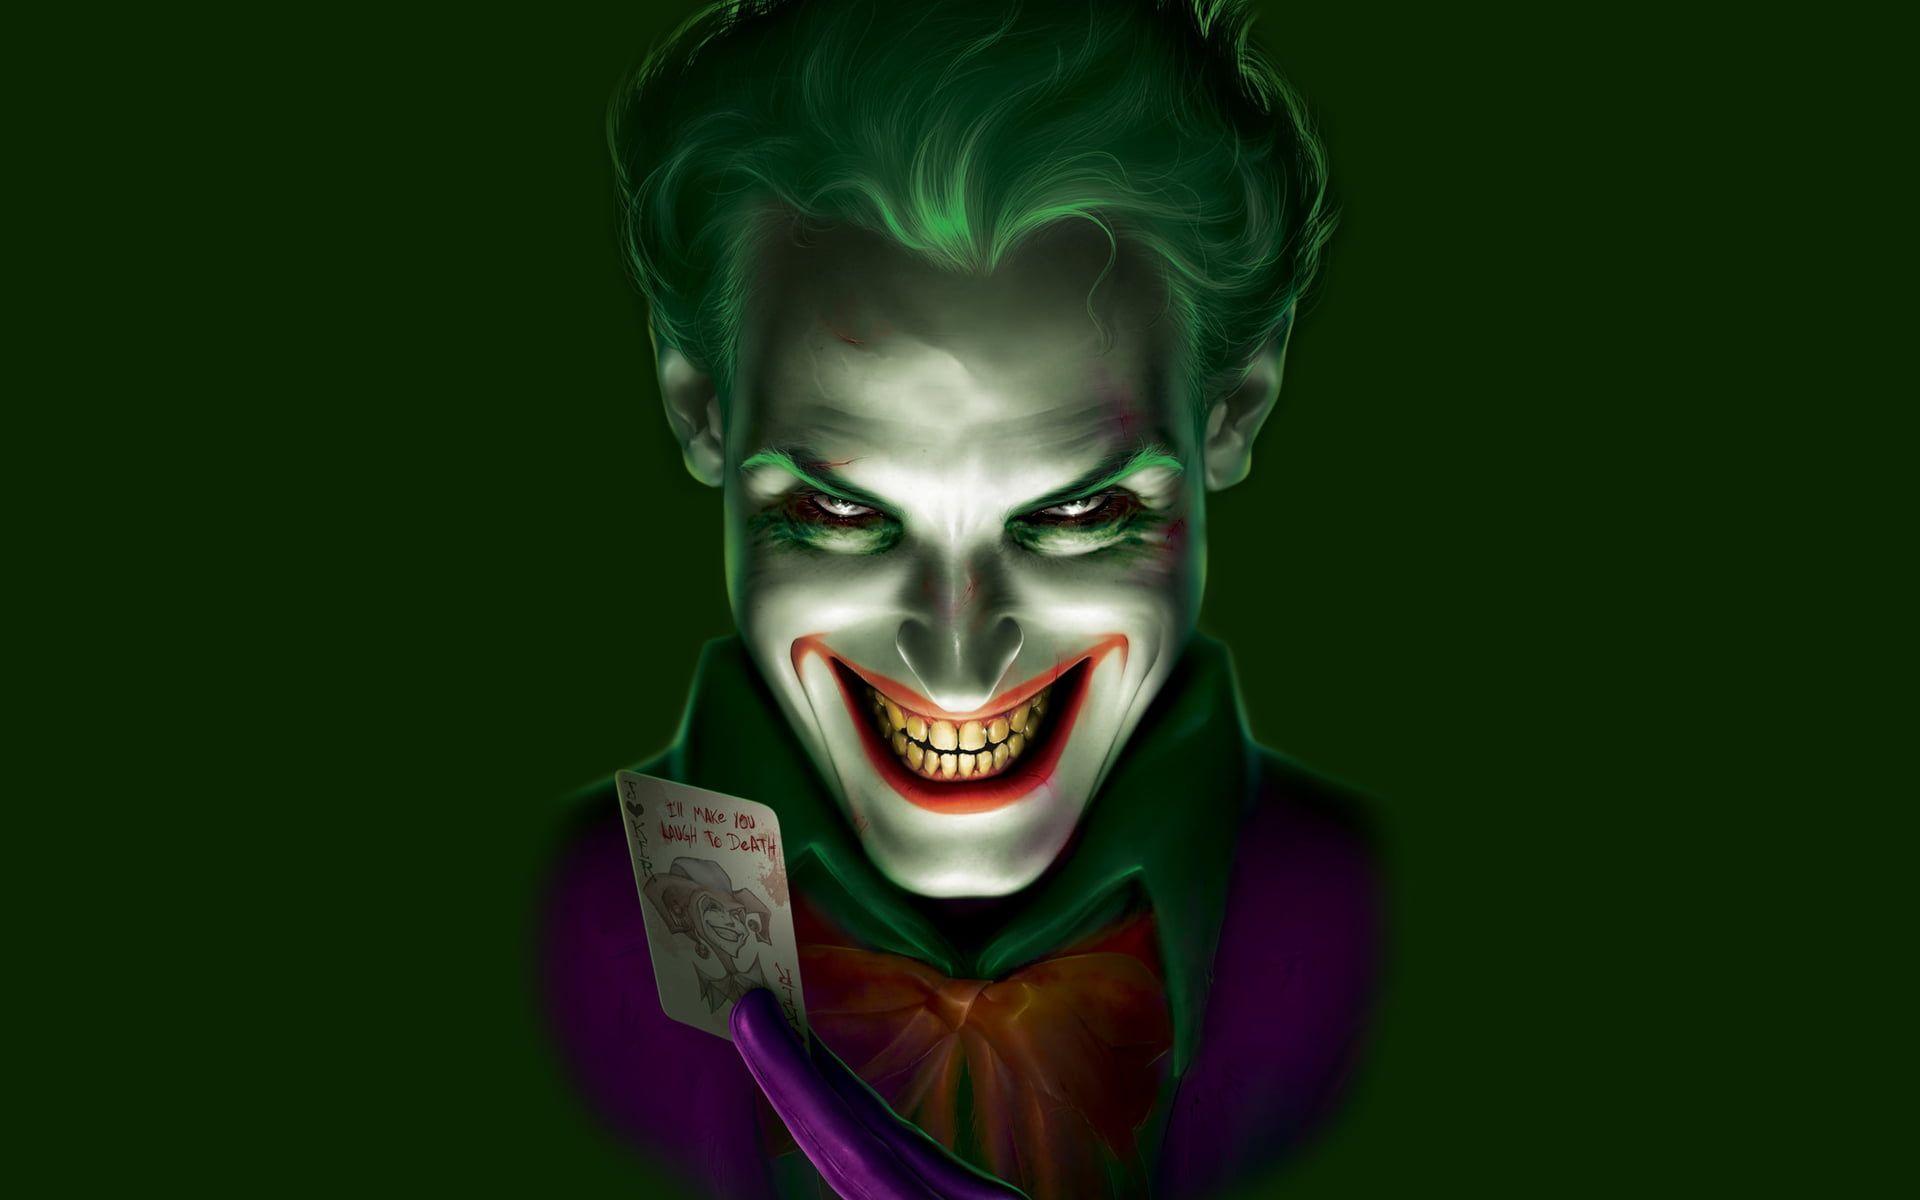 The Joker Wallpaper Smile Batman The Inscription Map Batman Joker Comic Joker 1080p Wallpap Joker Wallpapers Joker 3d Wallpaper Batman Comic Wallpaper 1080p 4k ultra hd joker full hd